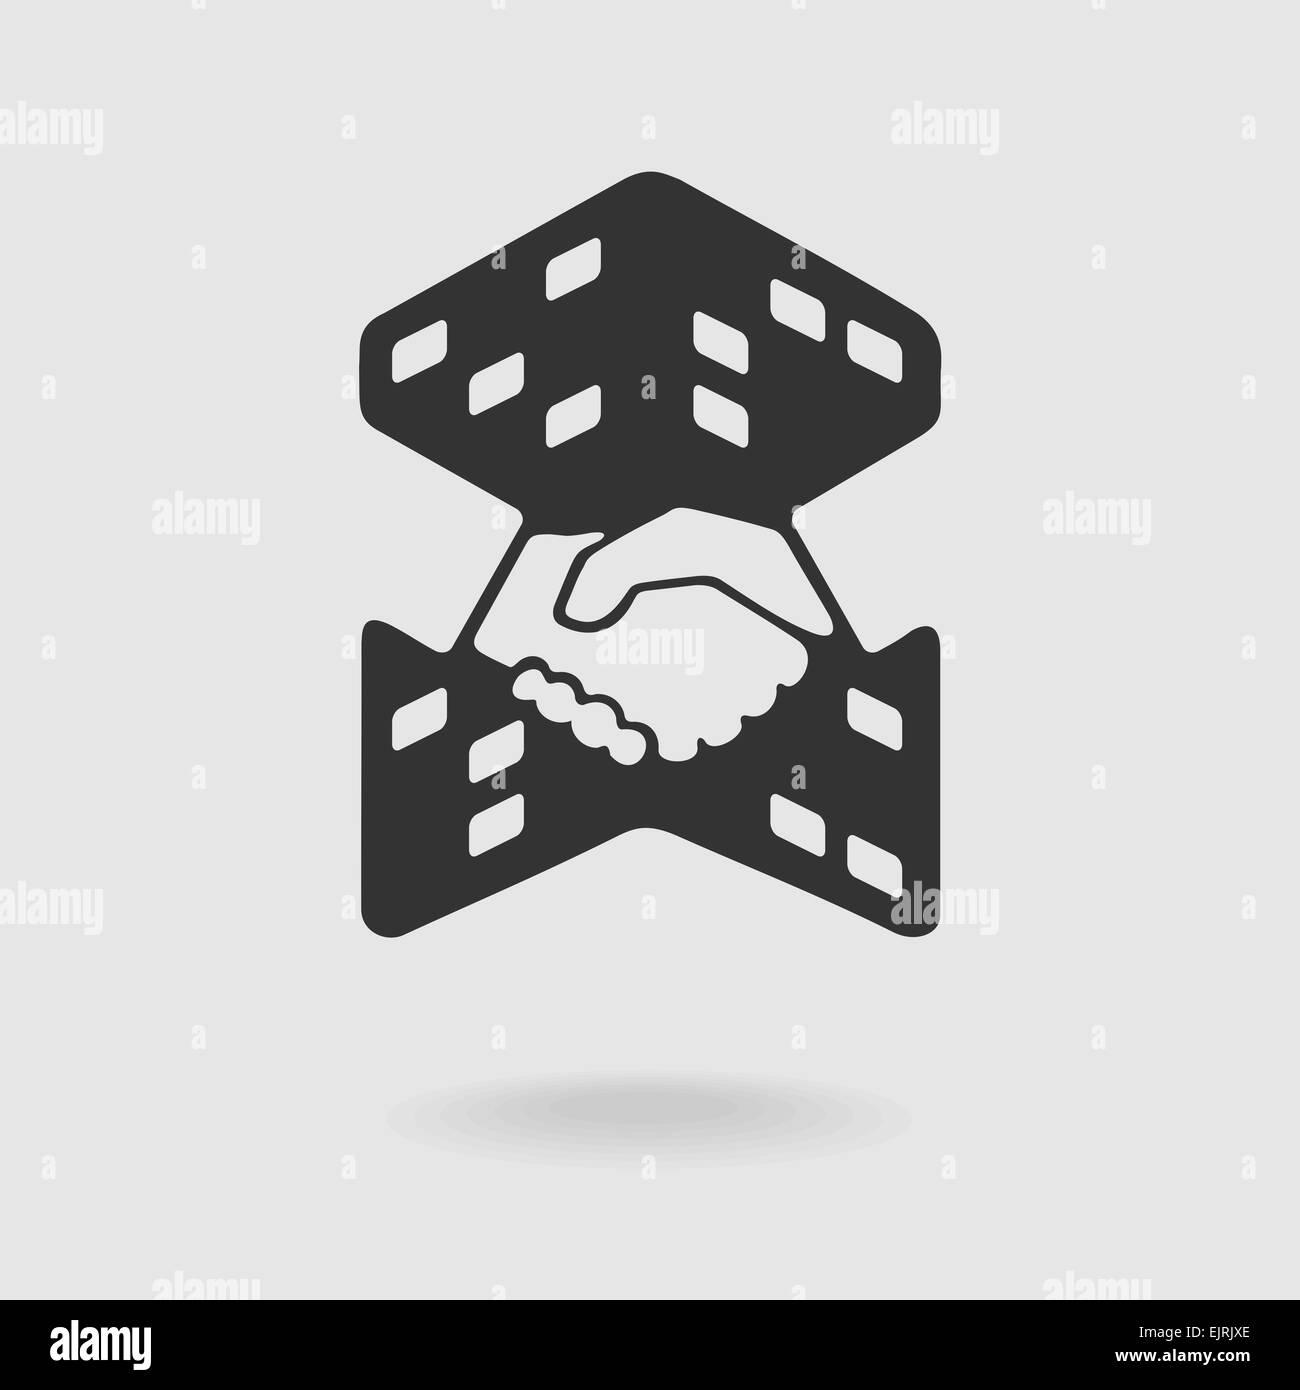 Symbol Transaction Real Estate - Stock Image